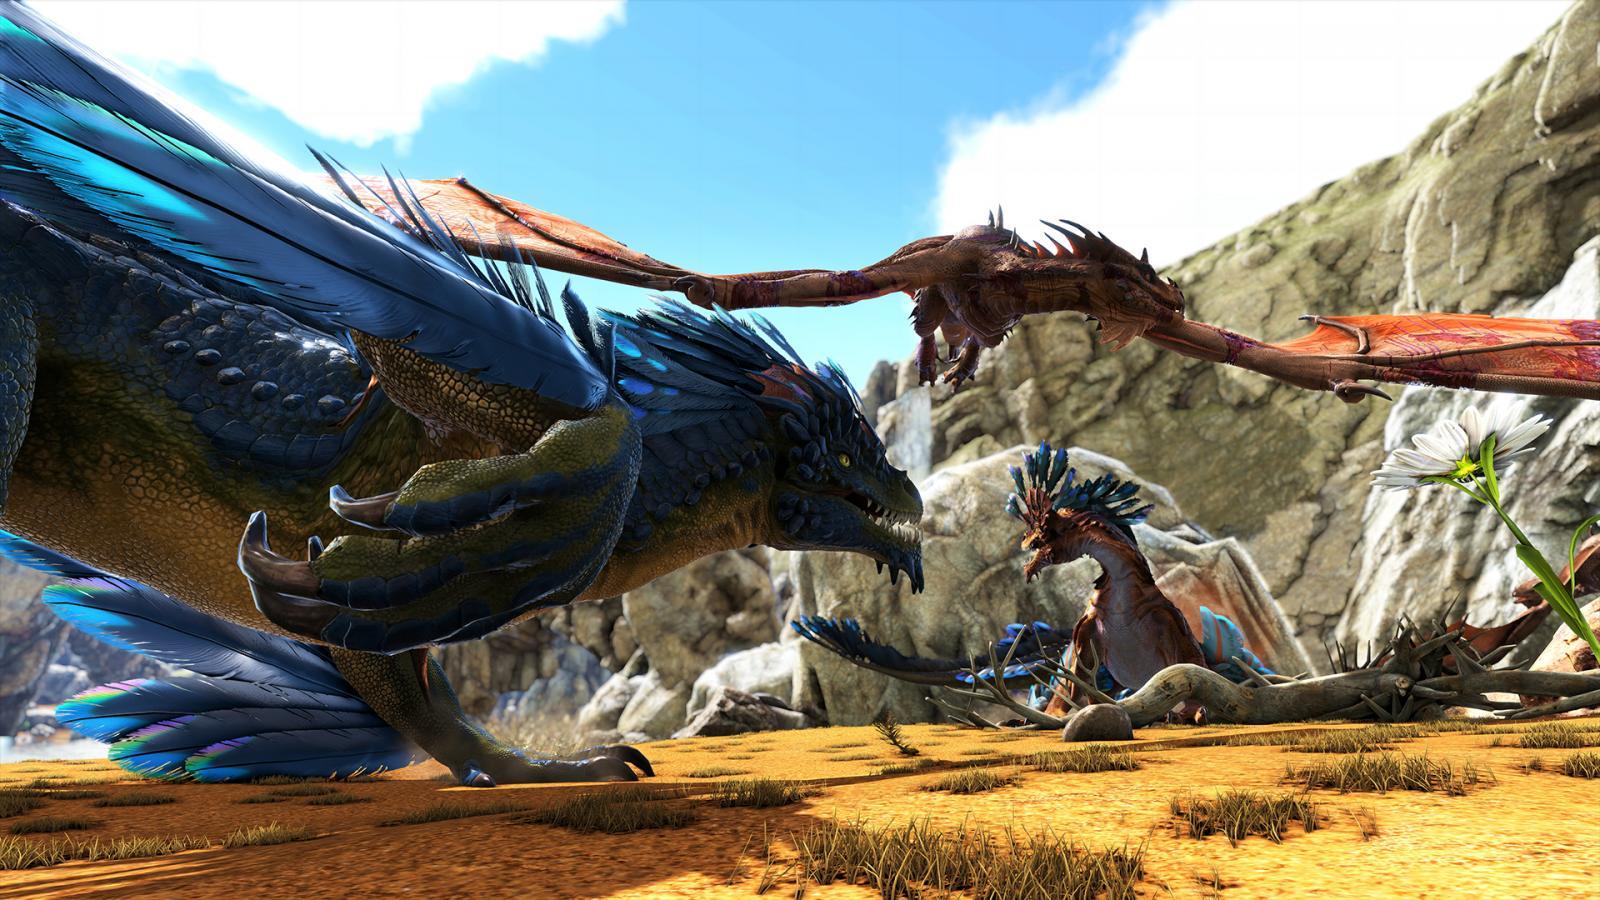 large.5a8b605010a10_BlueDragon-Theassist8x.jpg